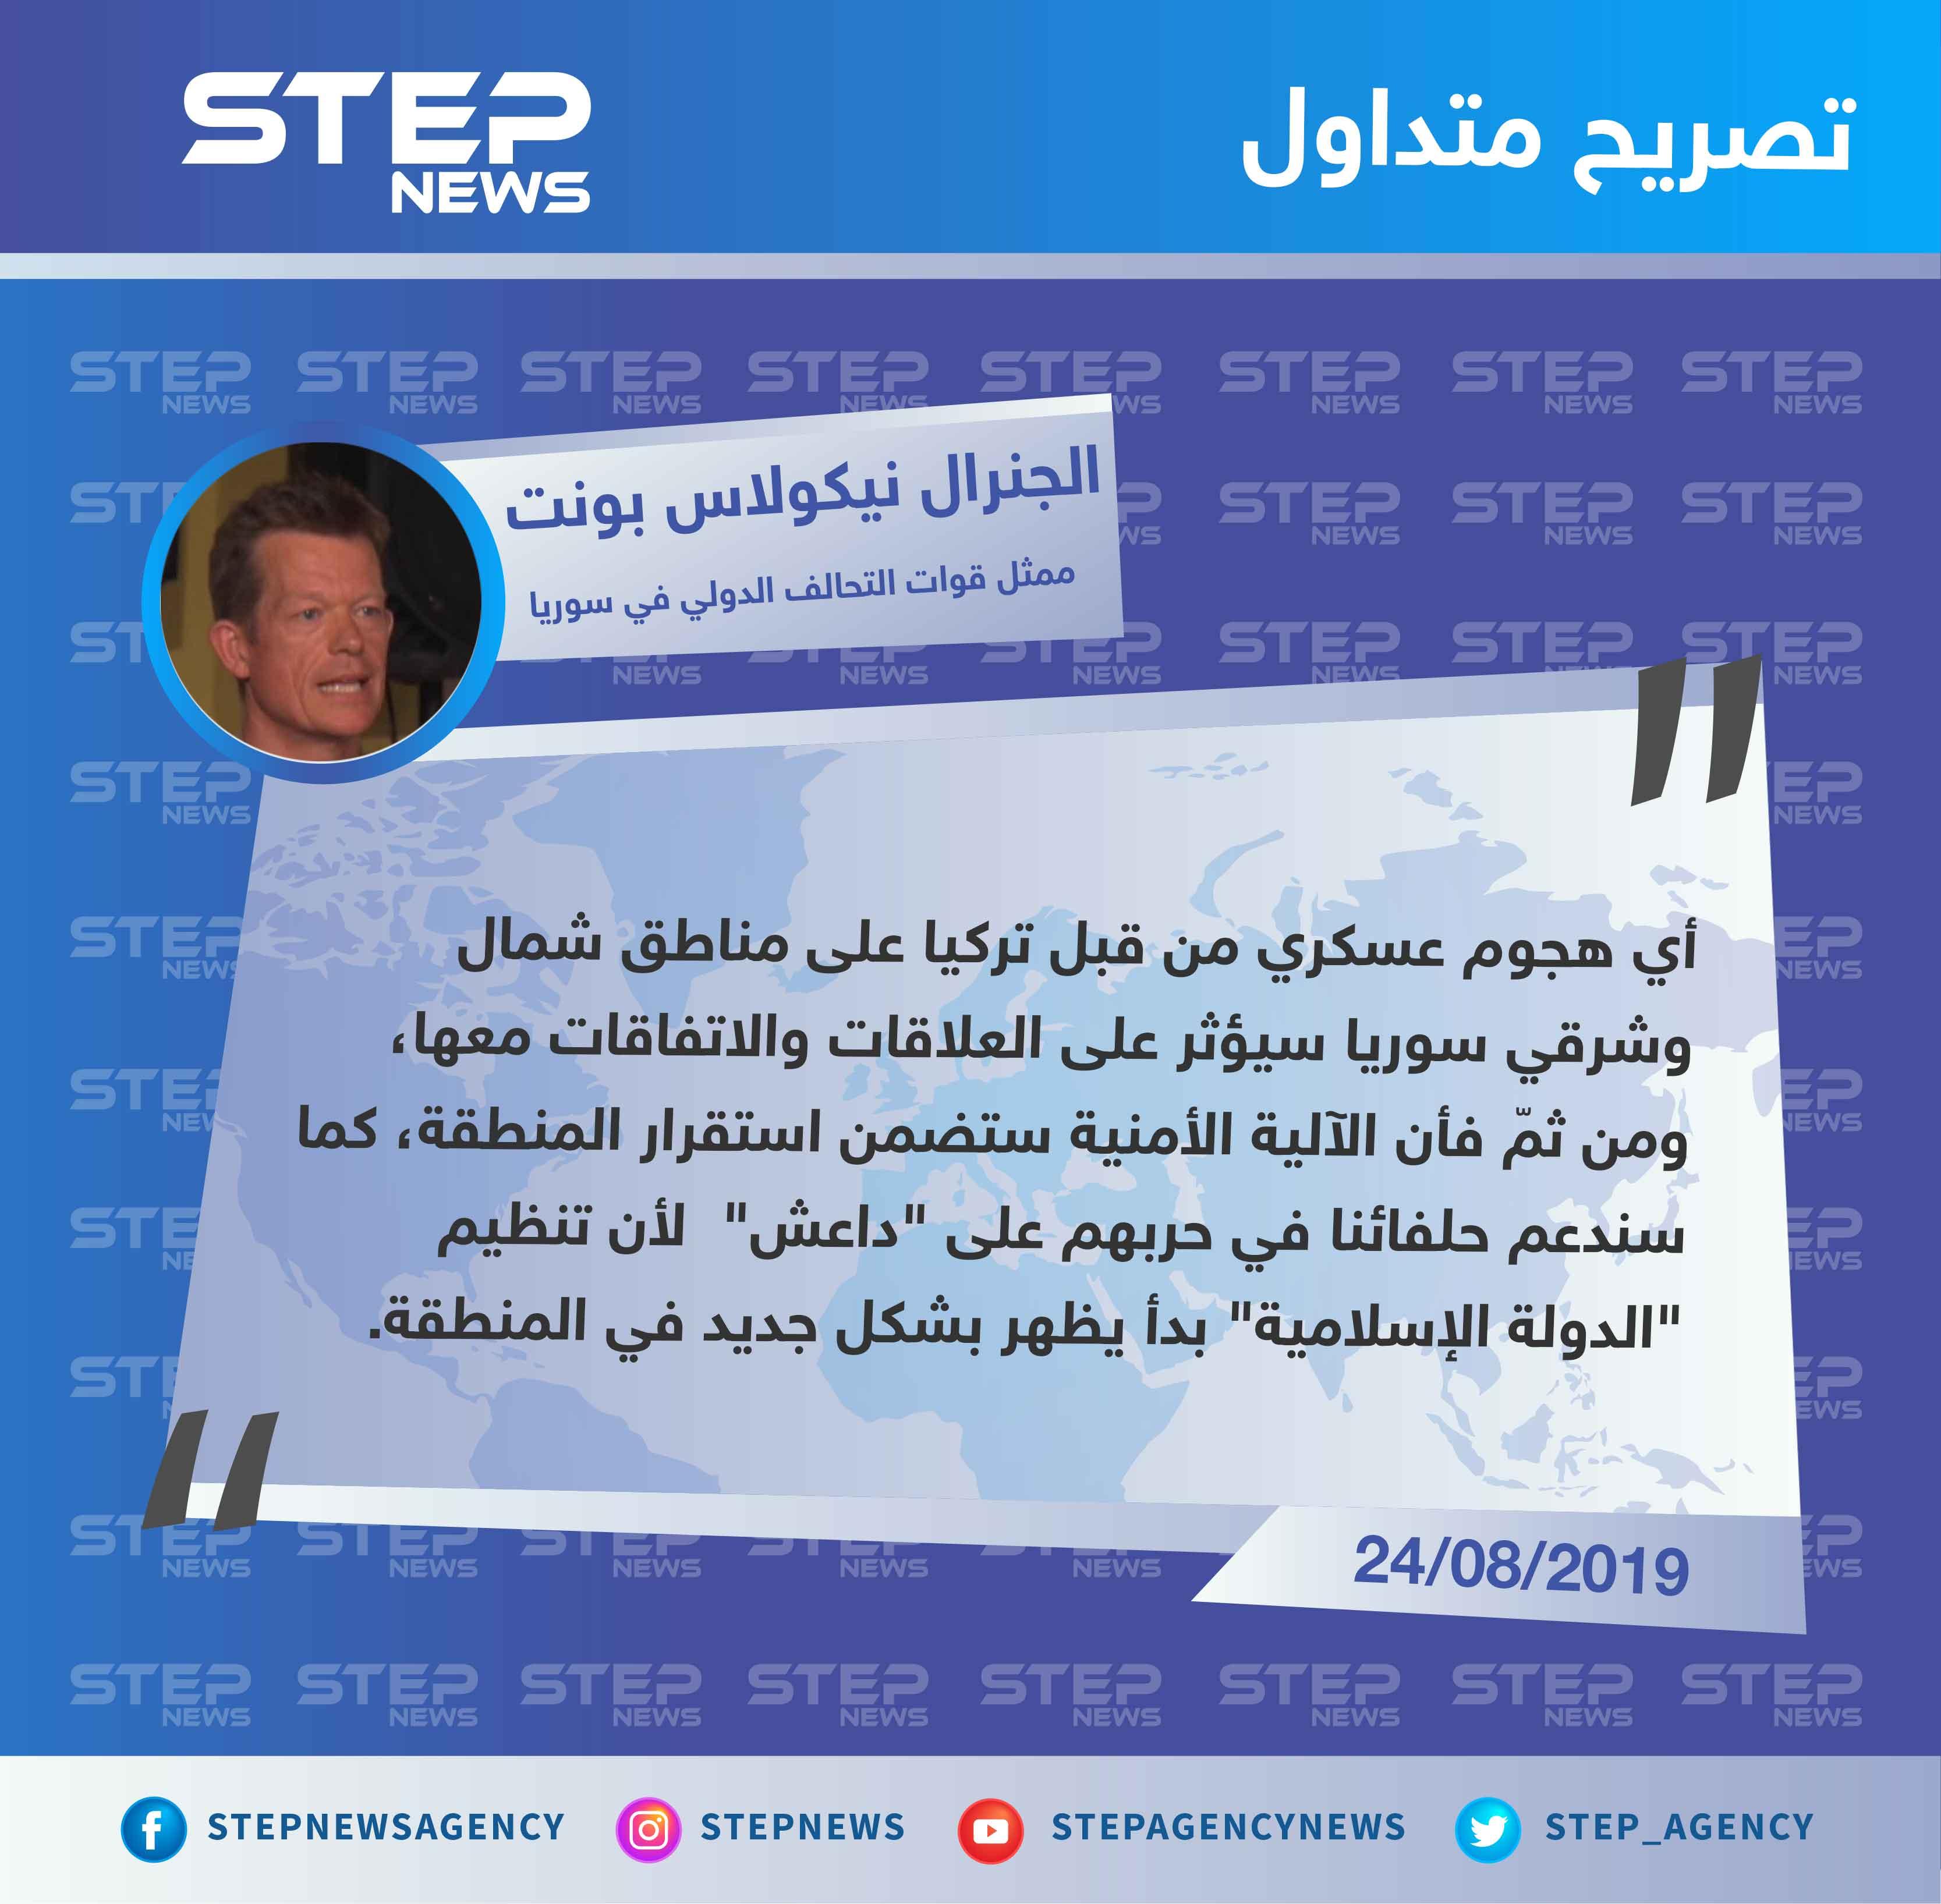 """ممثل التحالف الدولي في سوريا: مستمرون في دعم حلفائنا في حربهم على """"داعش"""" وأي هجوم عسكري تركي سيؤثر على علاقاتنا"""